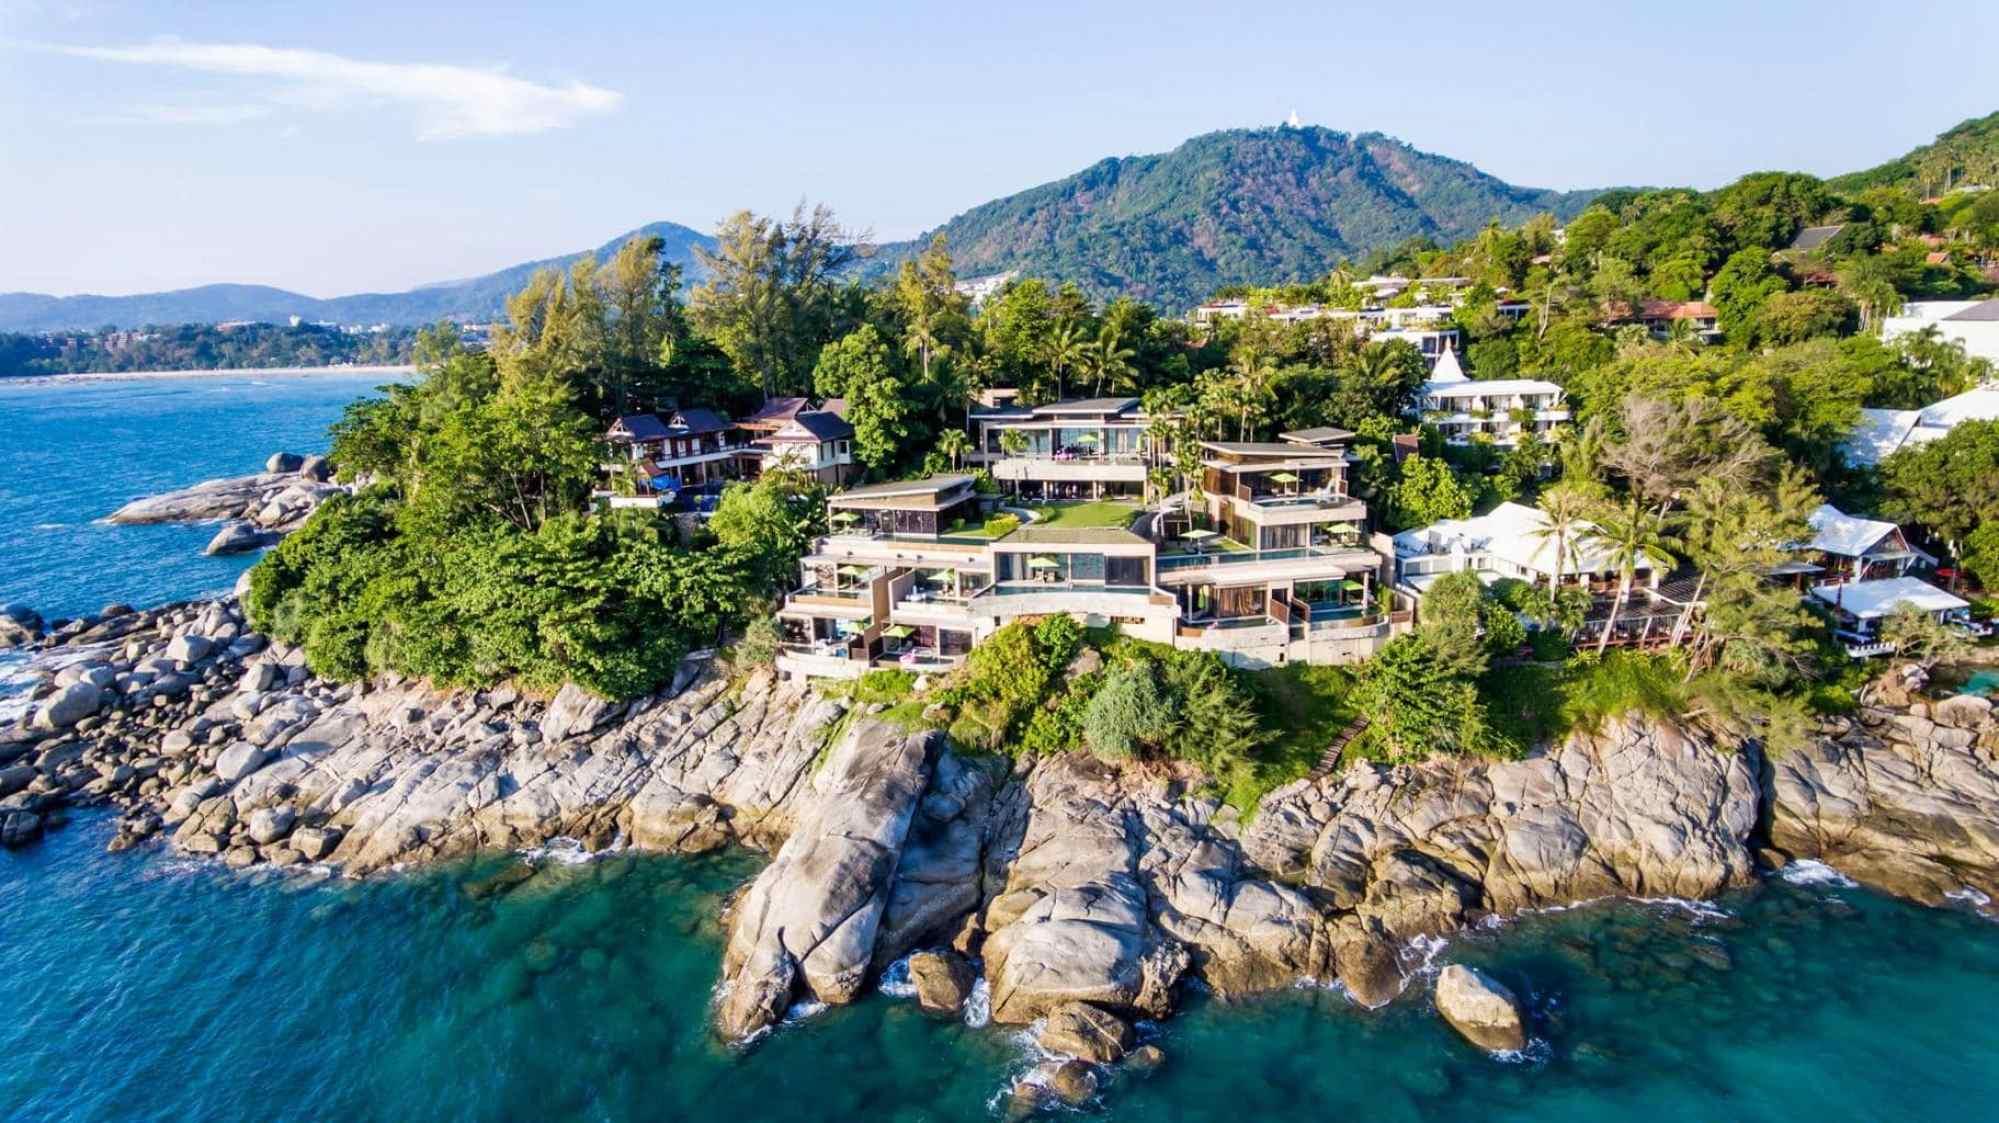 Drone shot of Impiana Private Villas